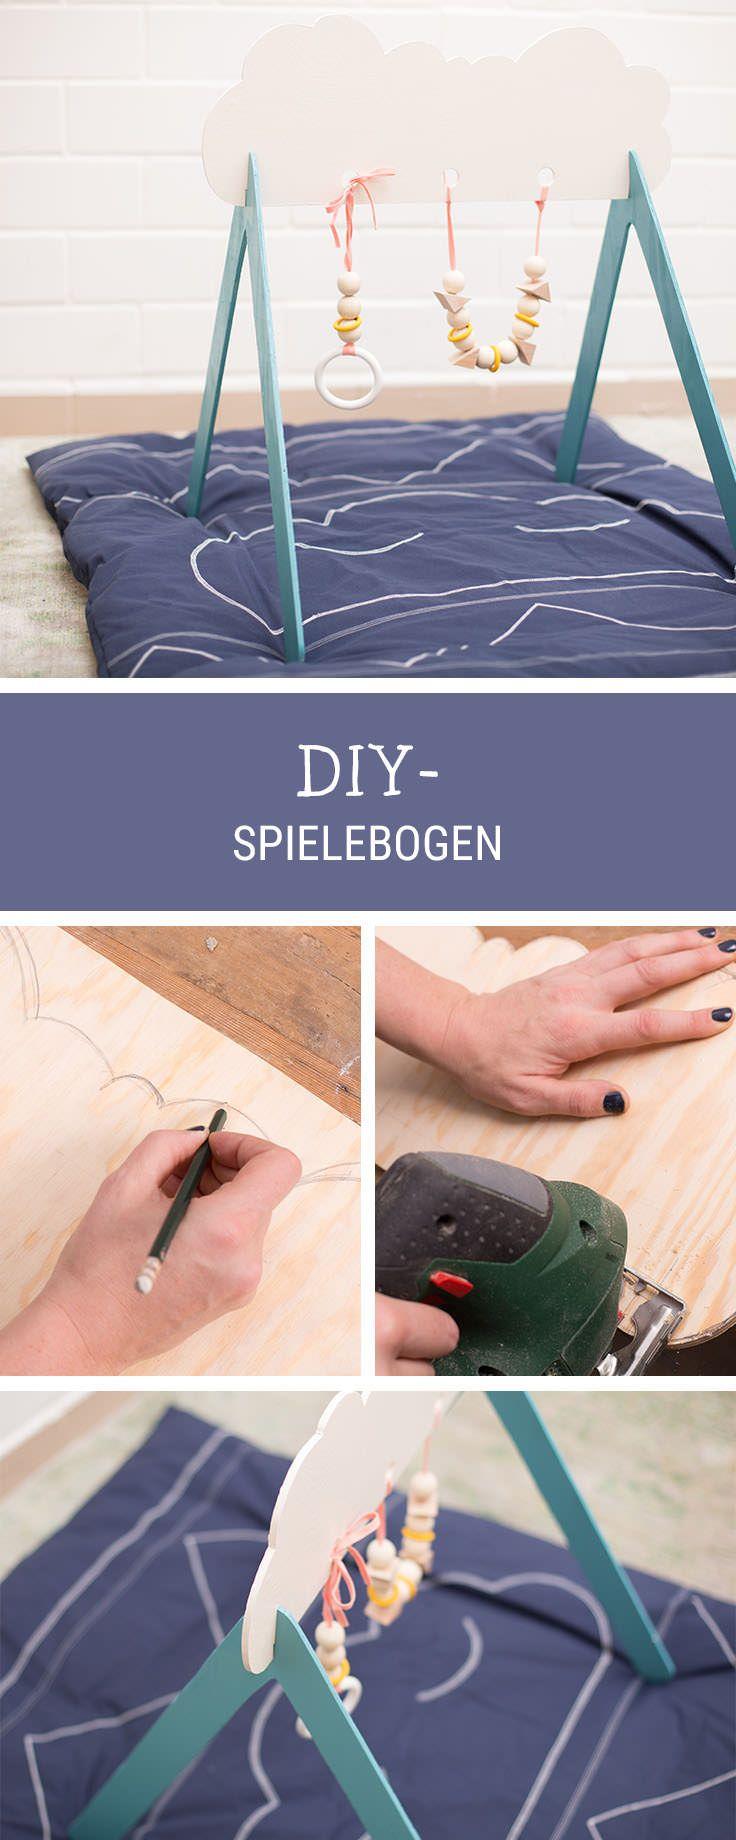 Spielzeug fürs Baby selbermachen: Spielebogen aus Holz bauen / baby diys: wooden mobile for newborns via DaWanda.com #holzbauen